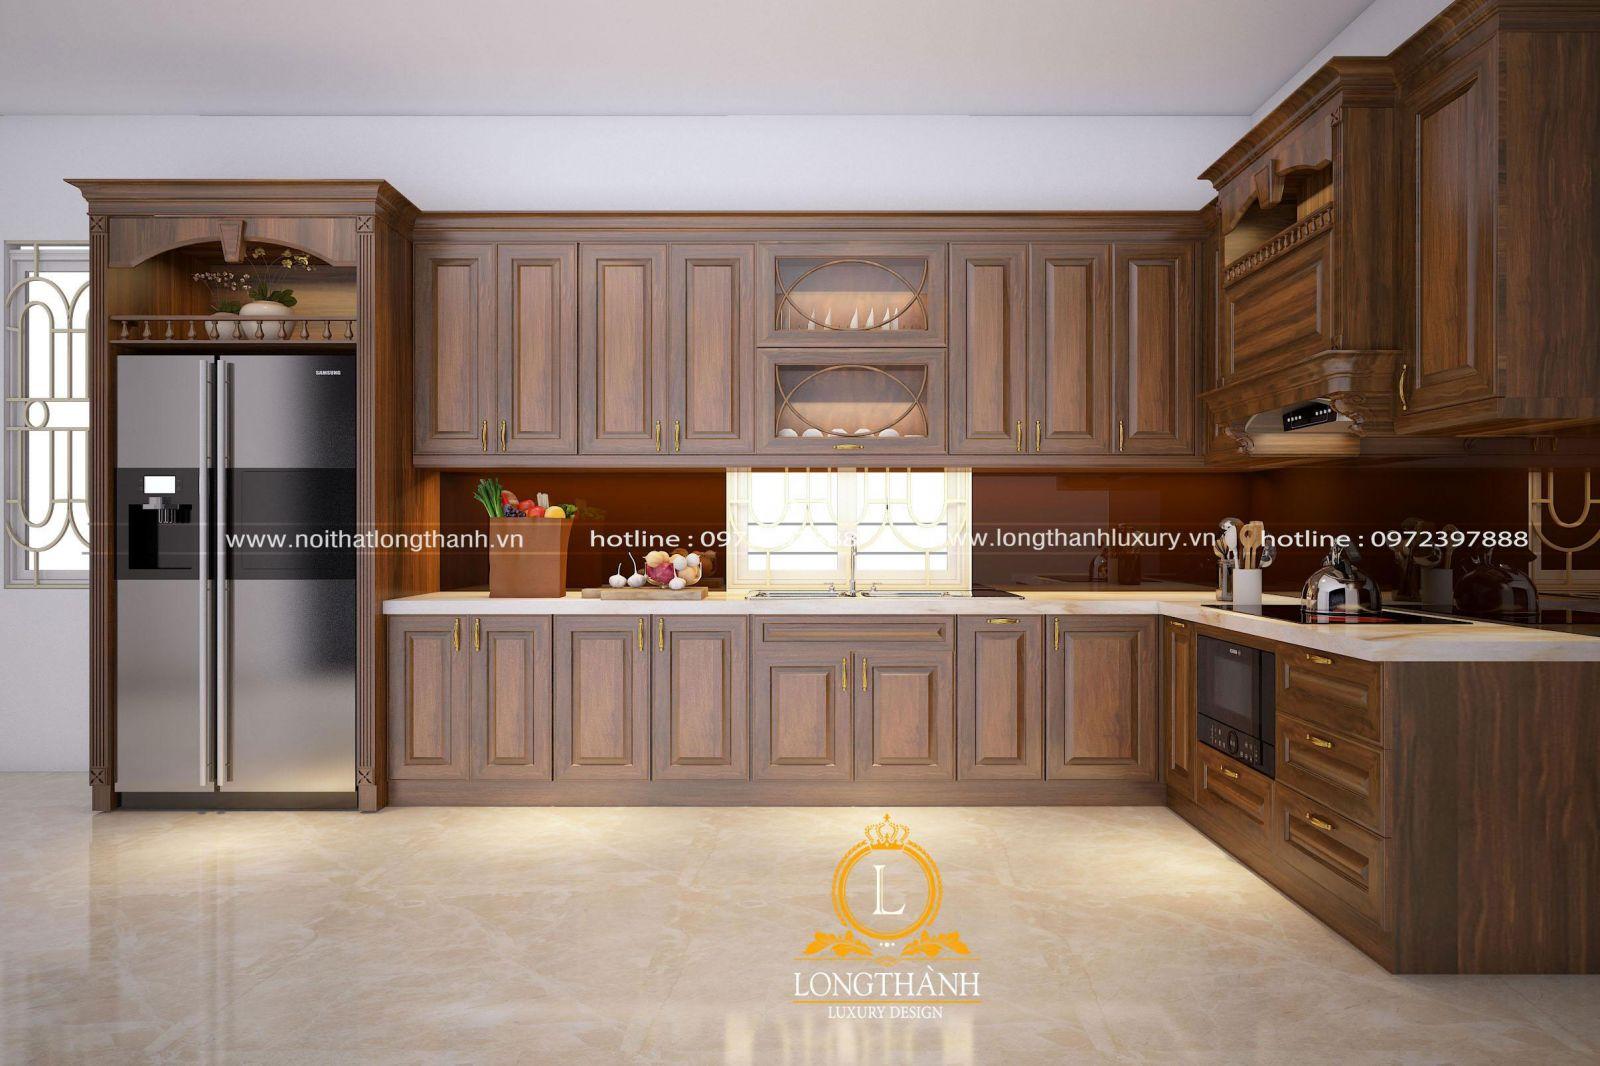 Mẫu tủ bếp đẹp được thiết kế ấn tượng và bố trí công năng khoa học